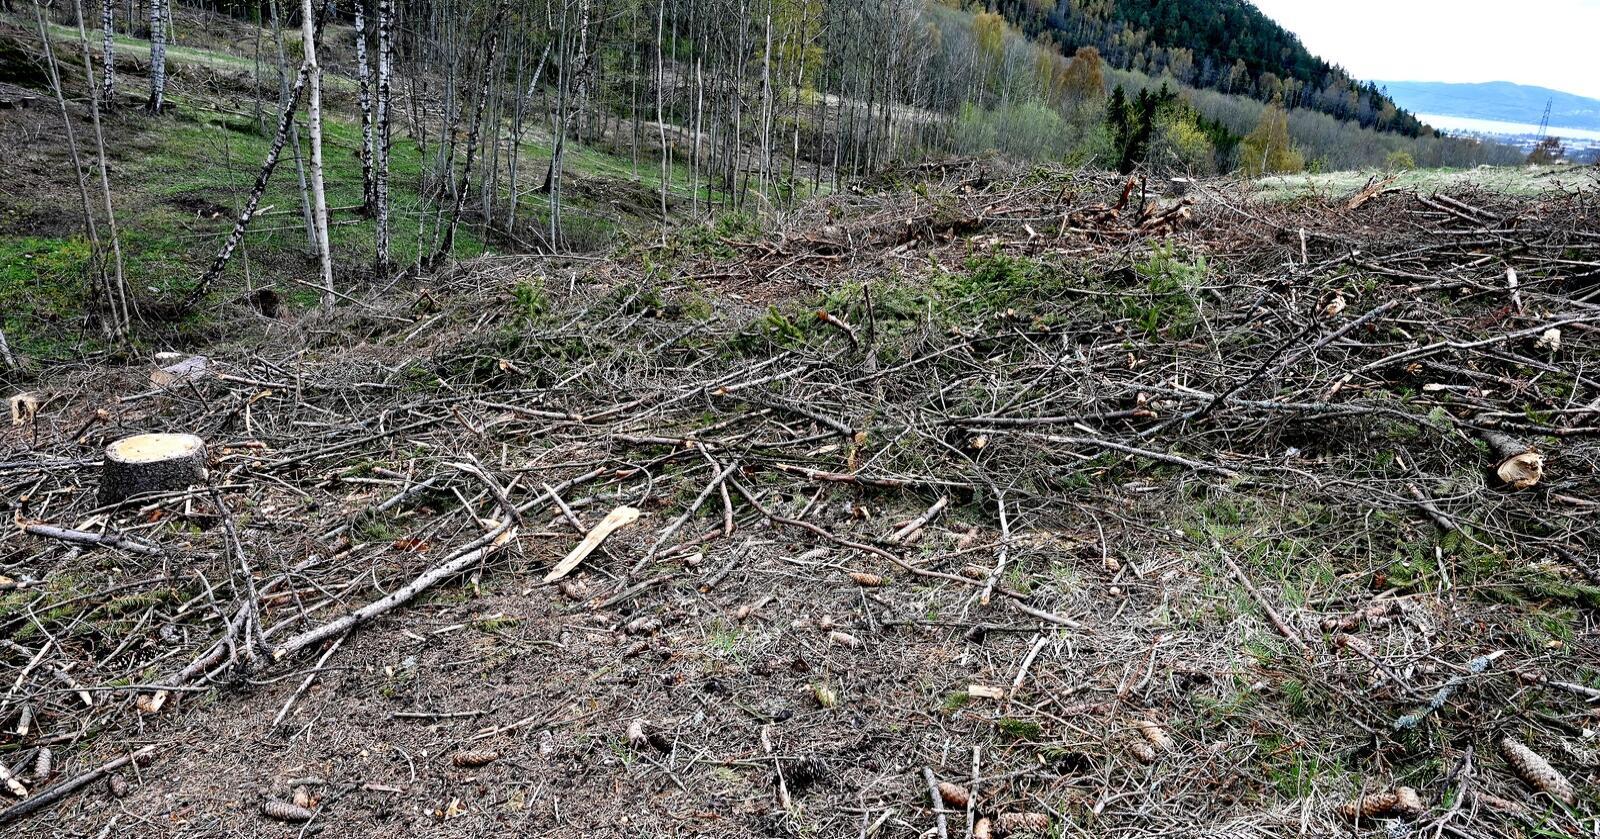 Viken skog meiner feilregistrering av trua artar skaper trøbbel for hogsten. Foto. Mariann Tvete